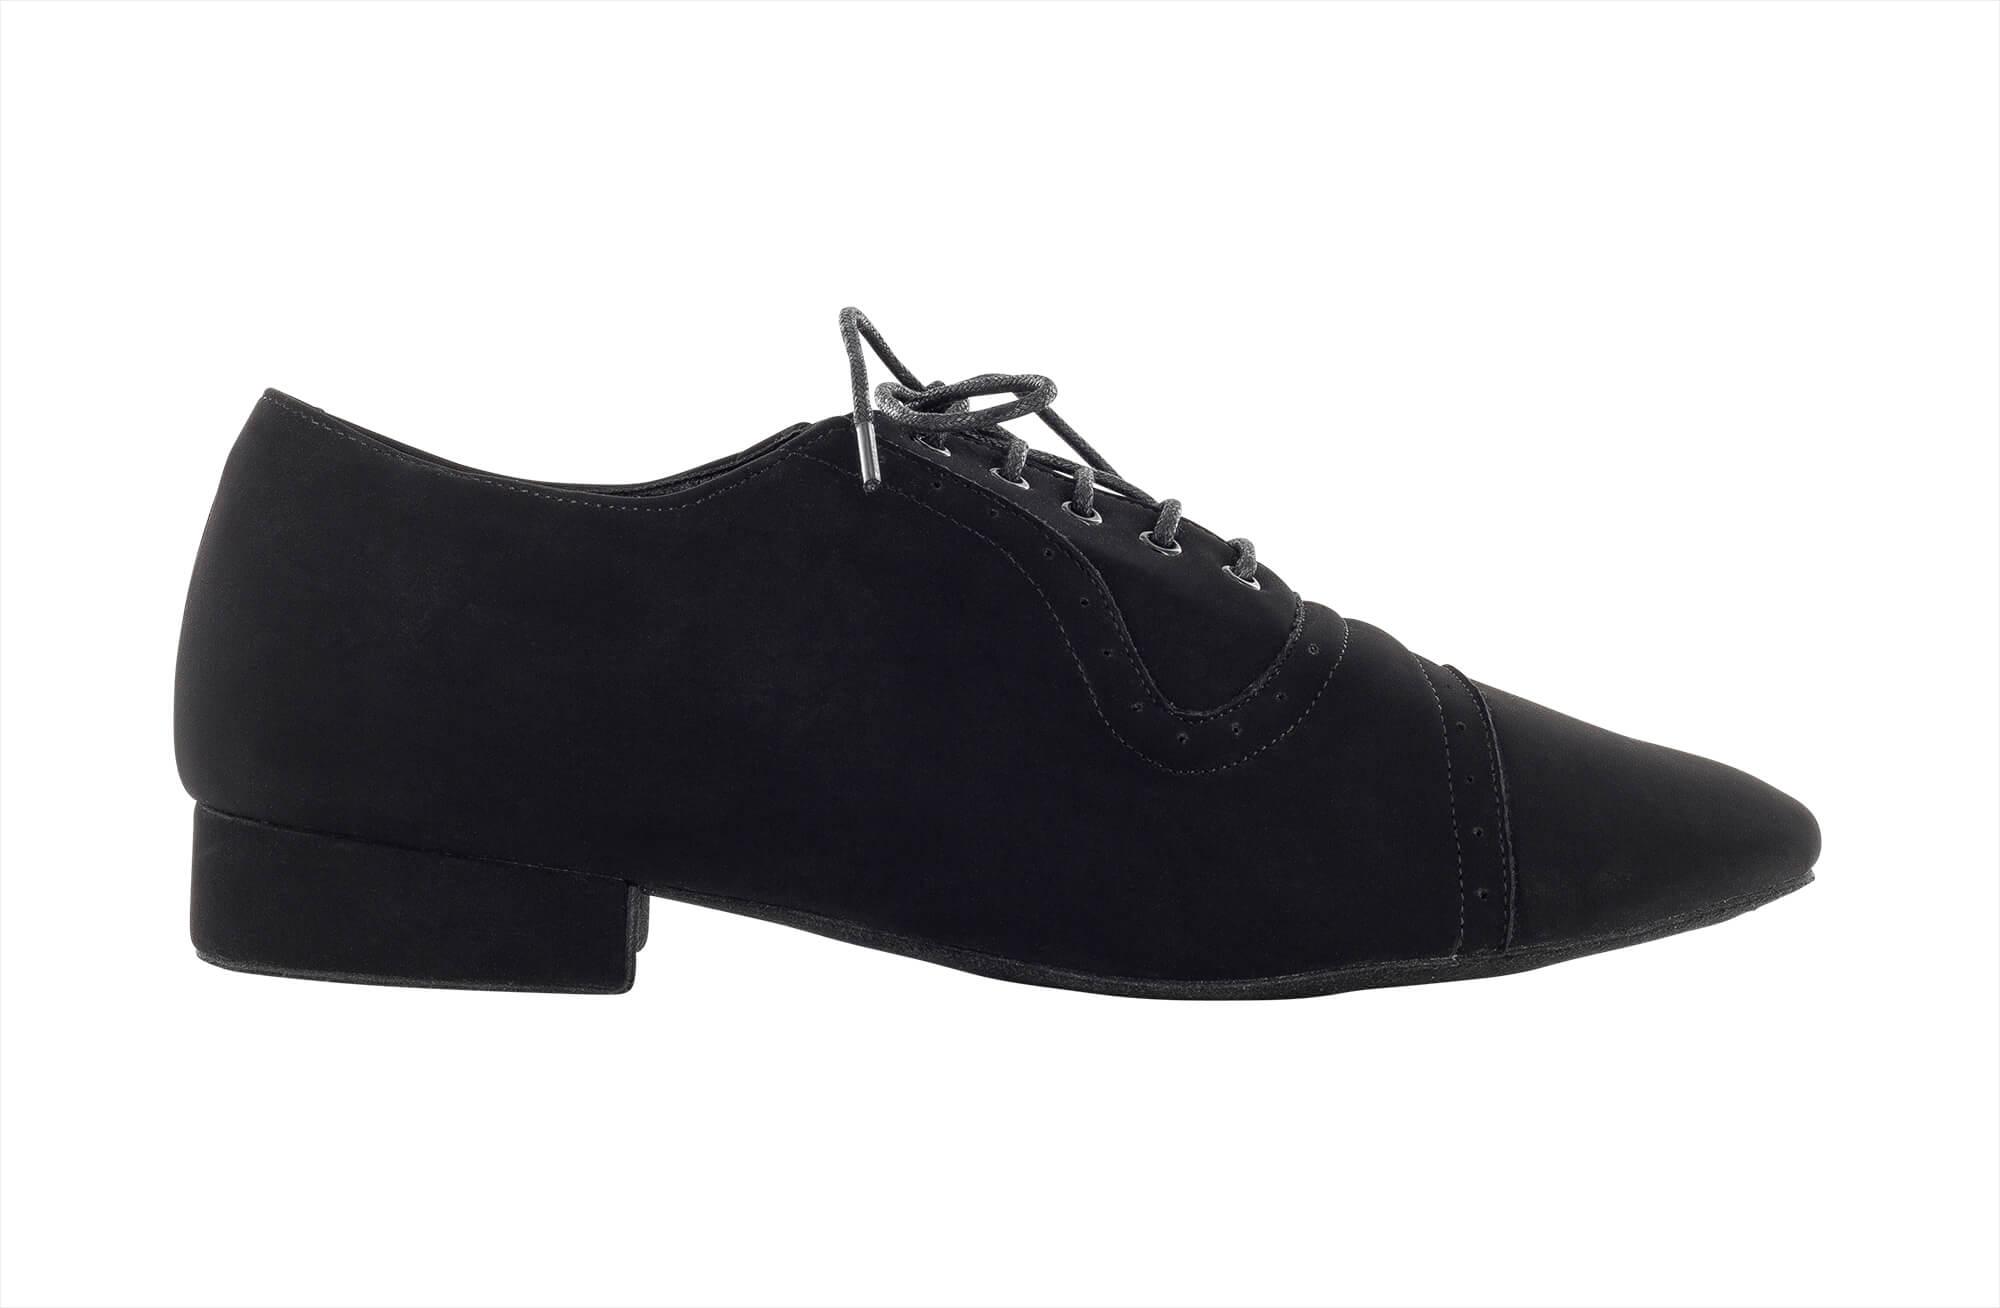 Zapato de baile Danc'in con Encaje en Nobuk de Tacón de 2'5cm